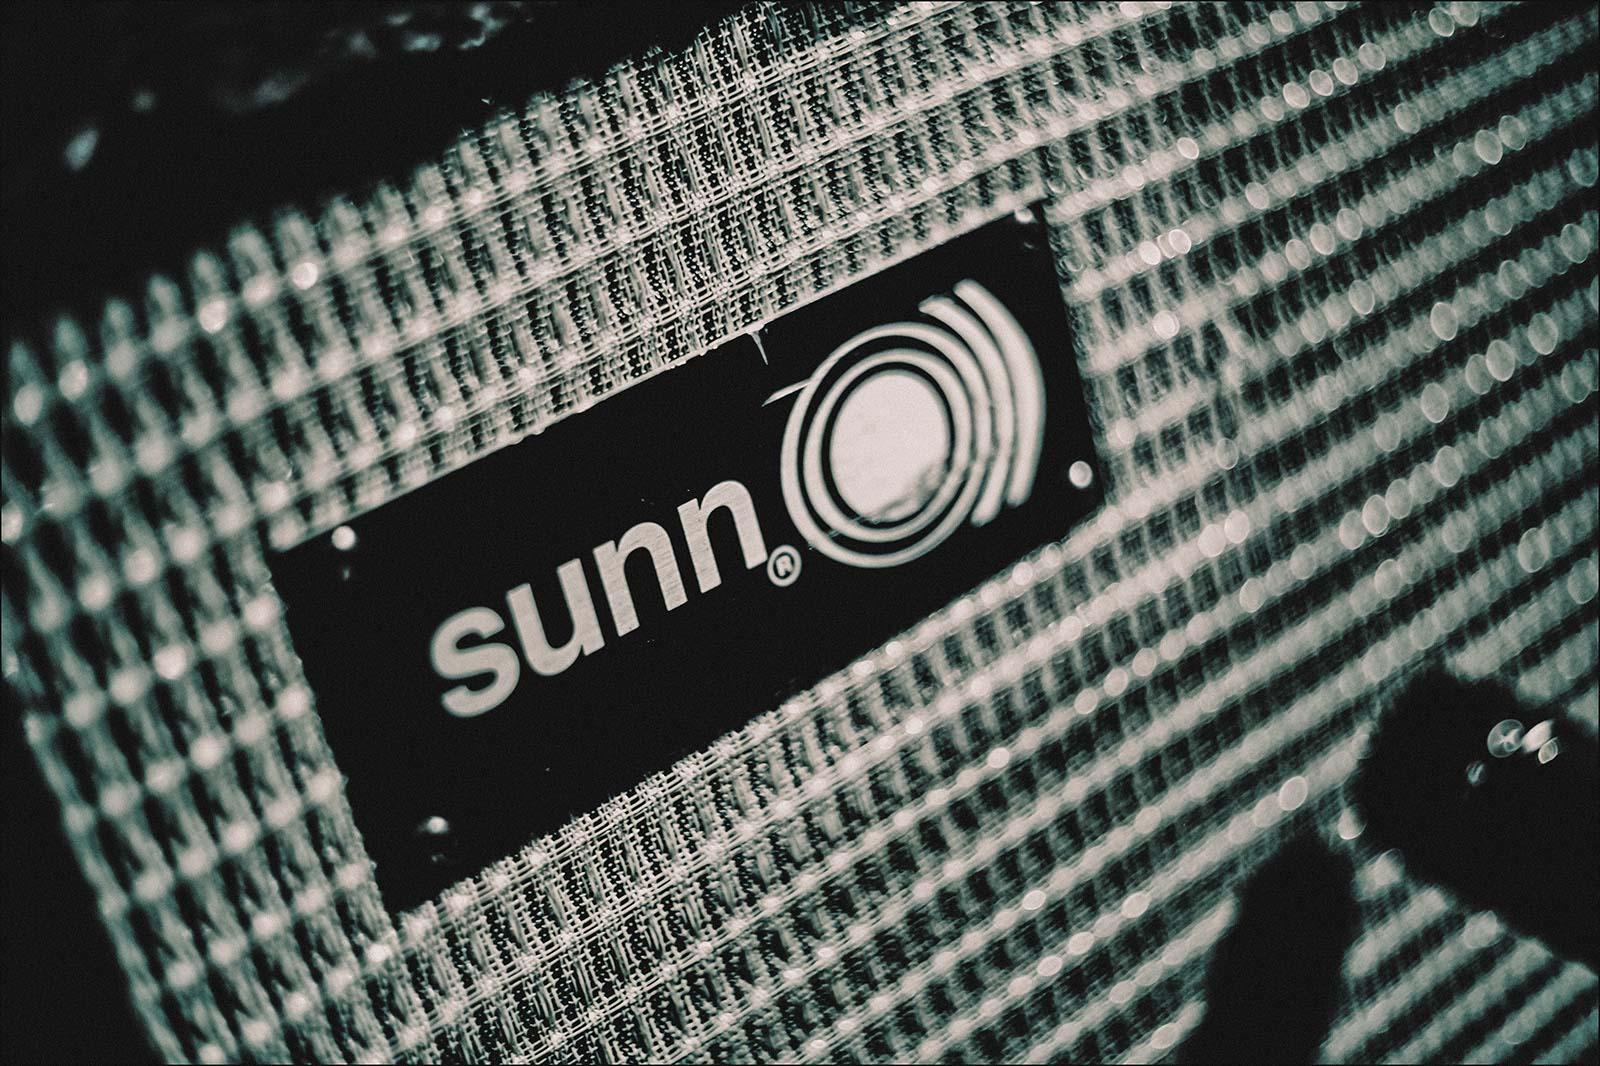 sunn_o_live_button_factory_umack_dublin_2017045.jpg